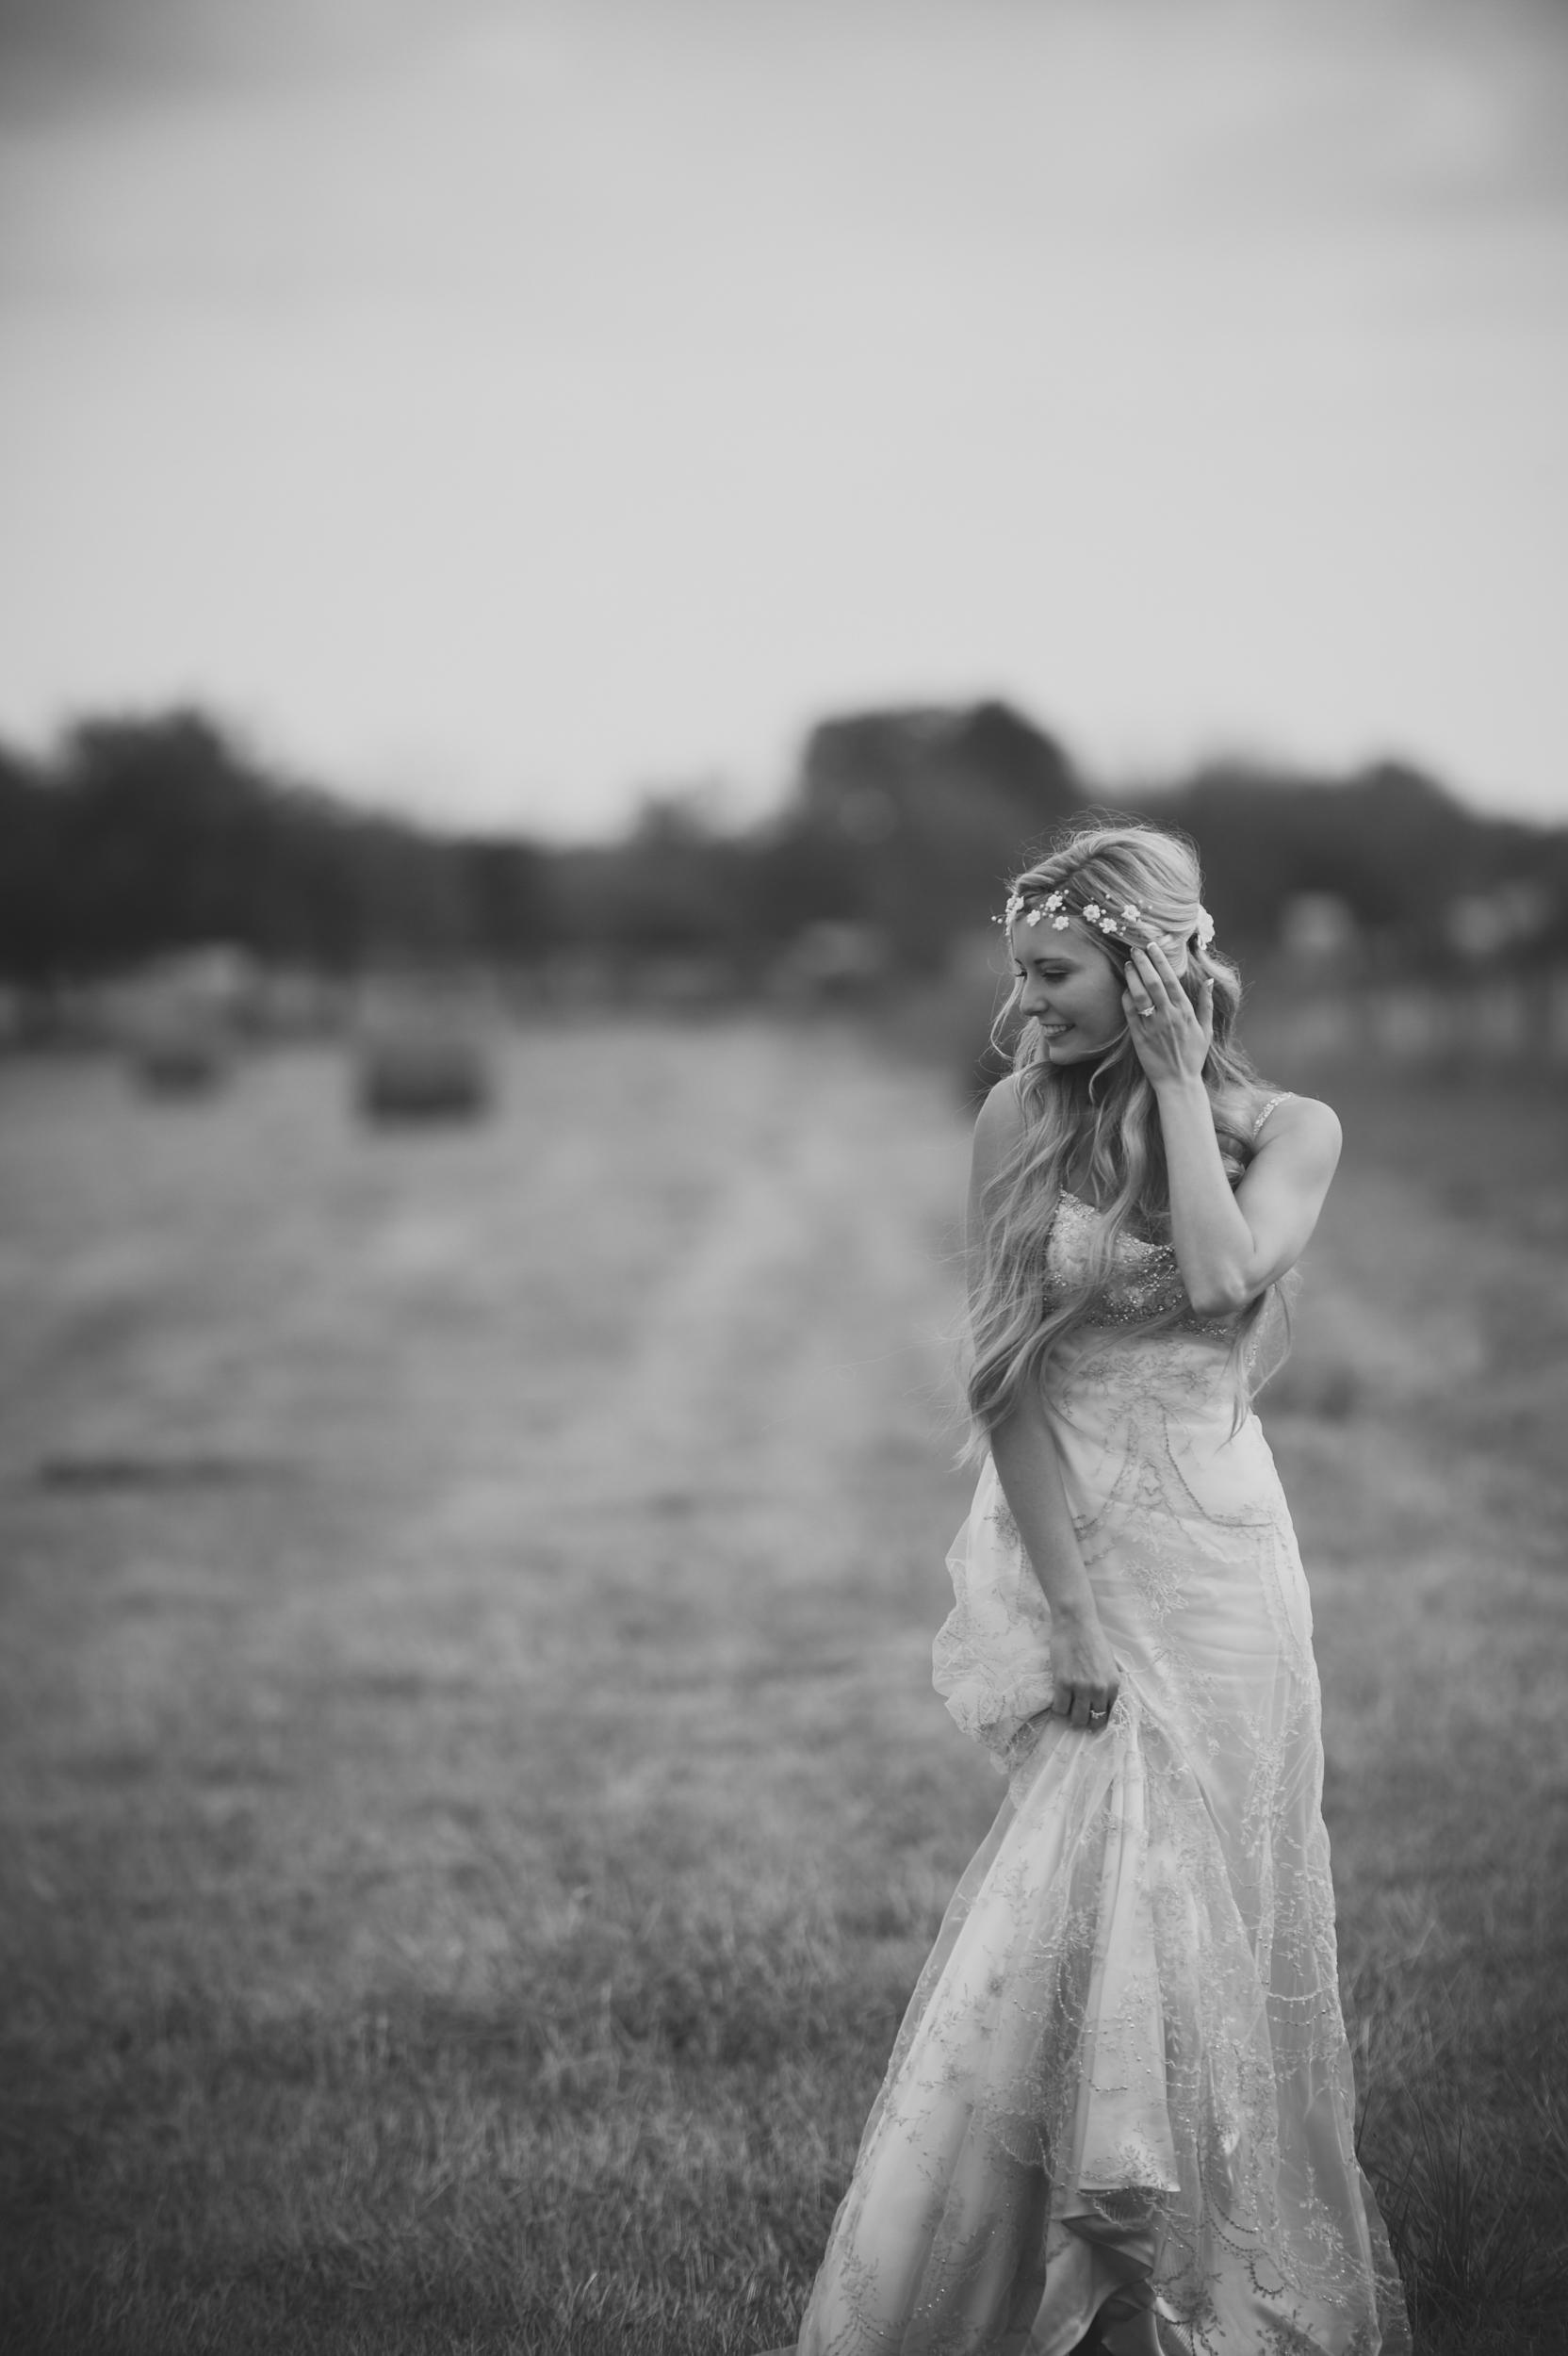 bridalsCOVER©2015mileswittboyer-10.jpg